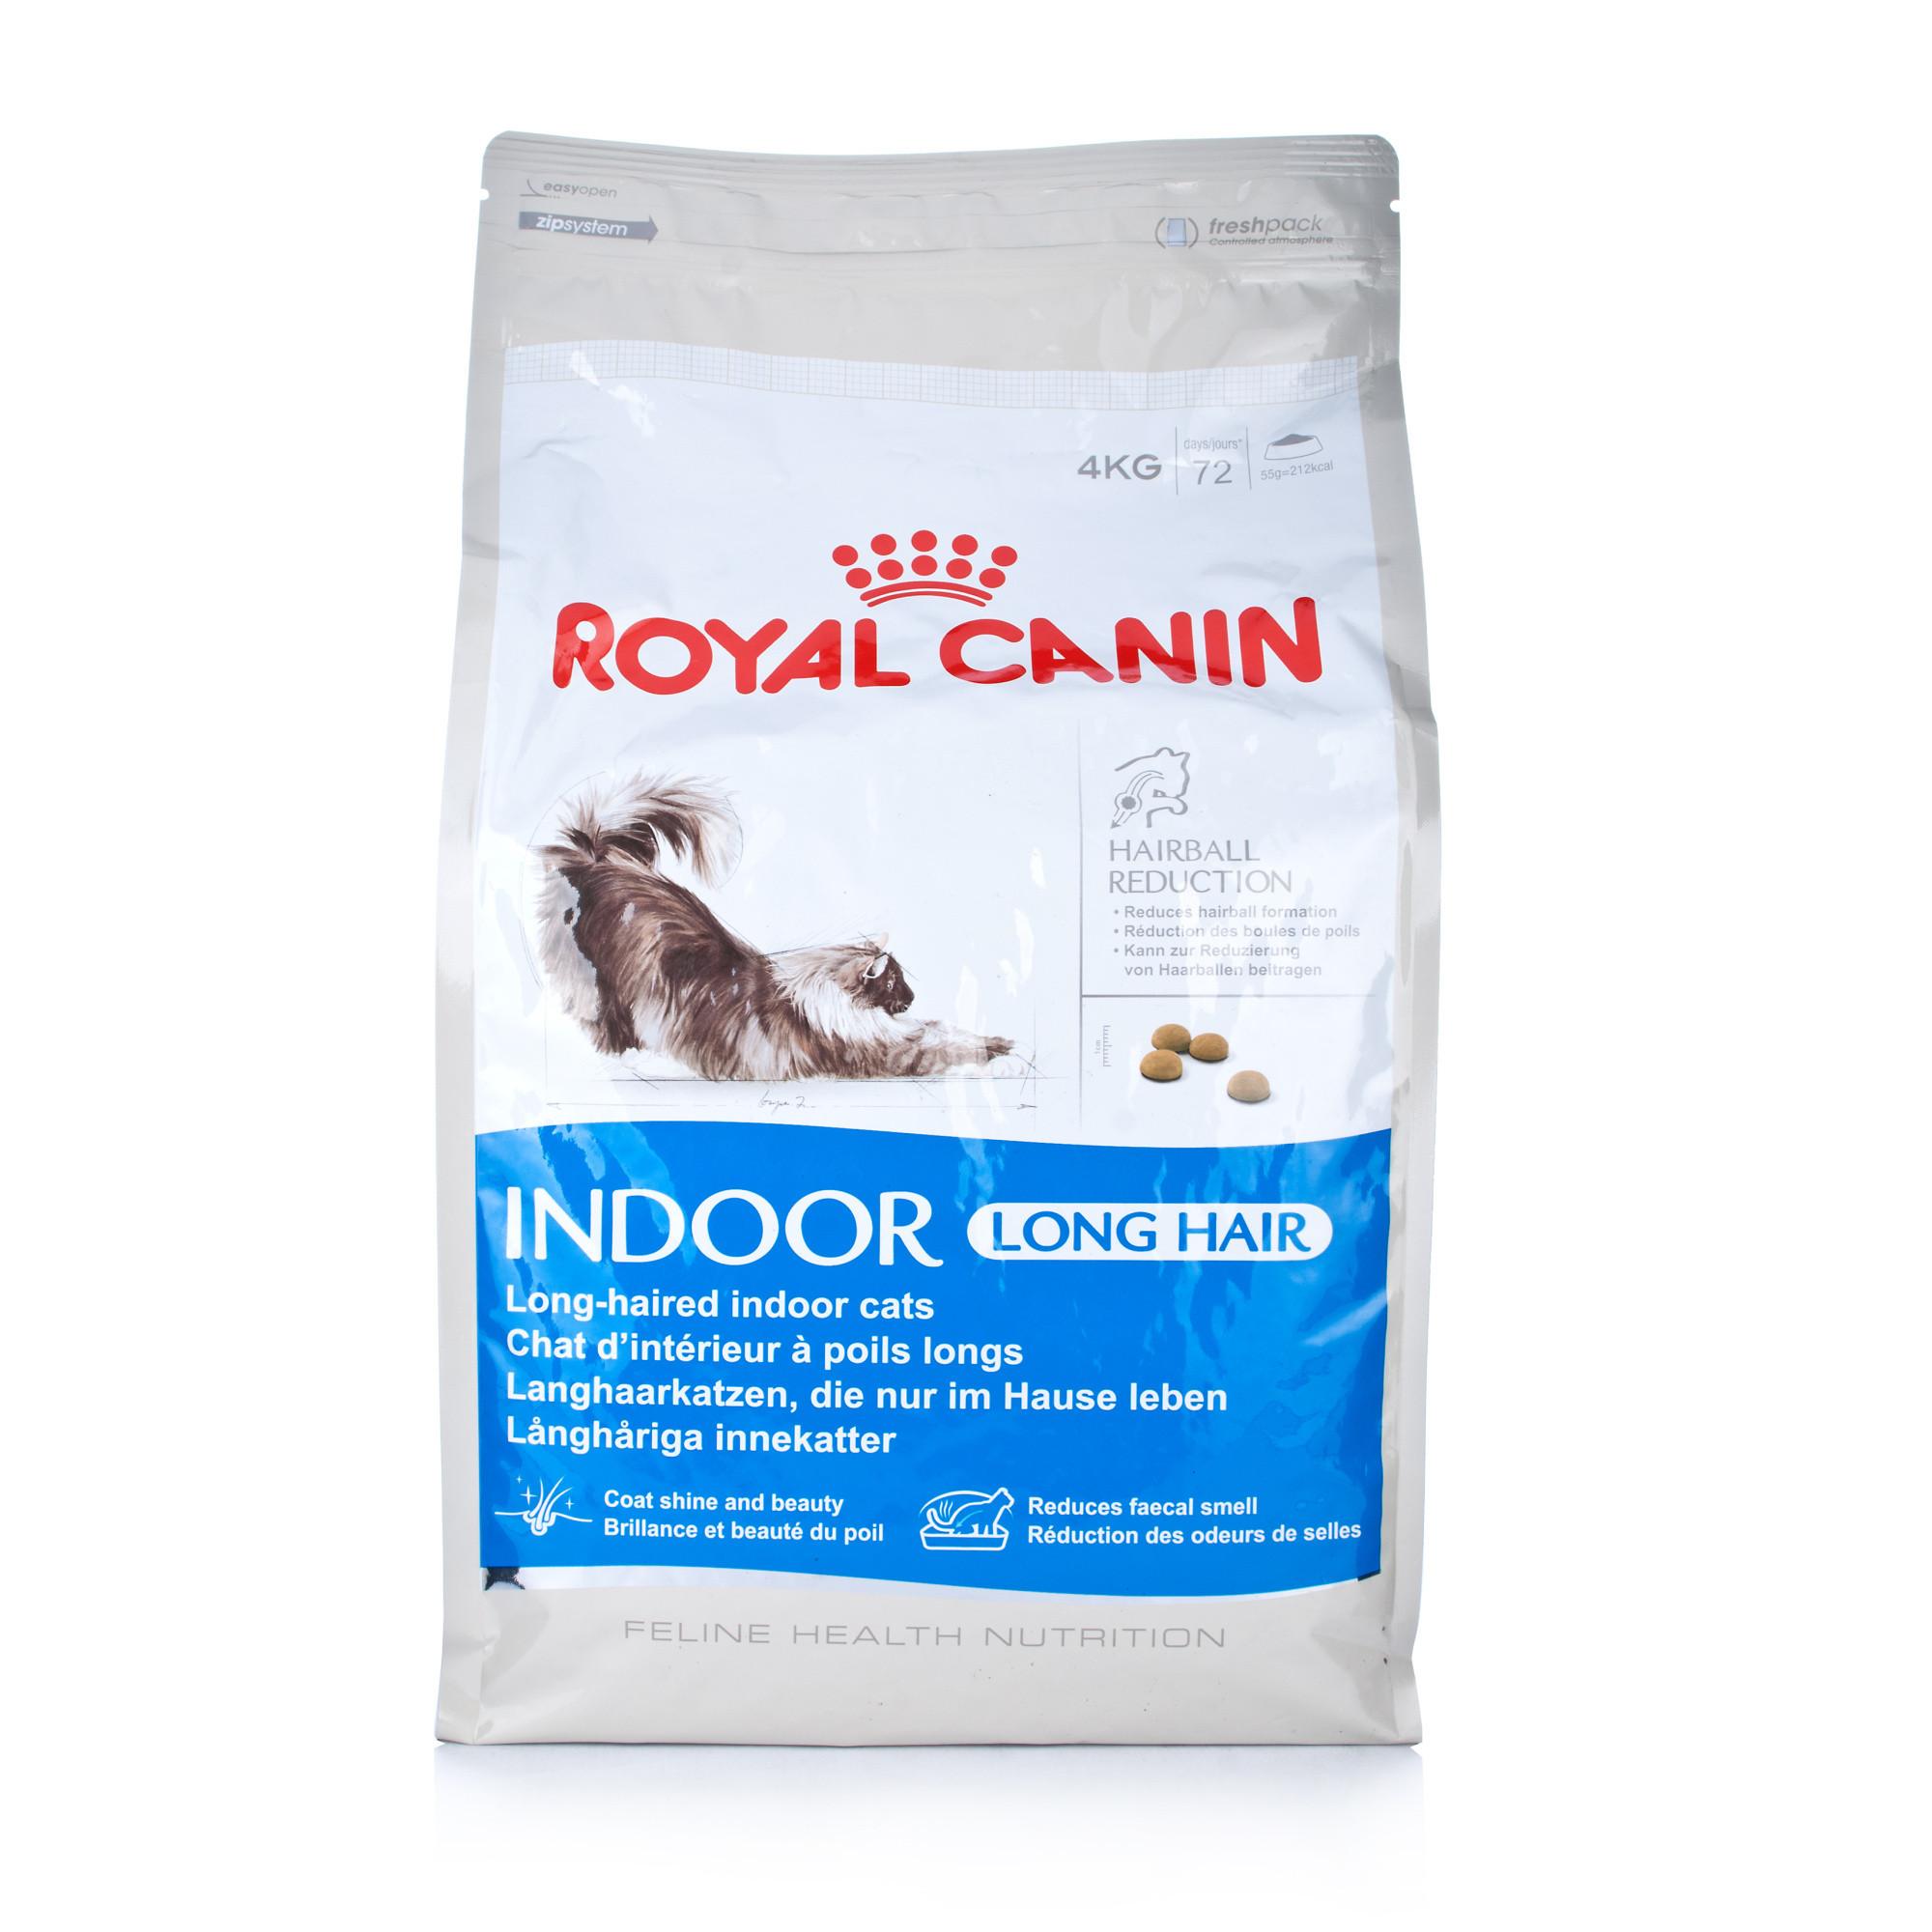 royal canin indoor longhair chemist direct. Black Bedroom Furniture Sets. Home Design Ideas